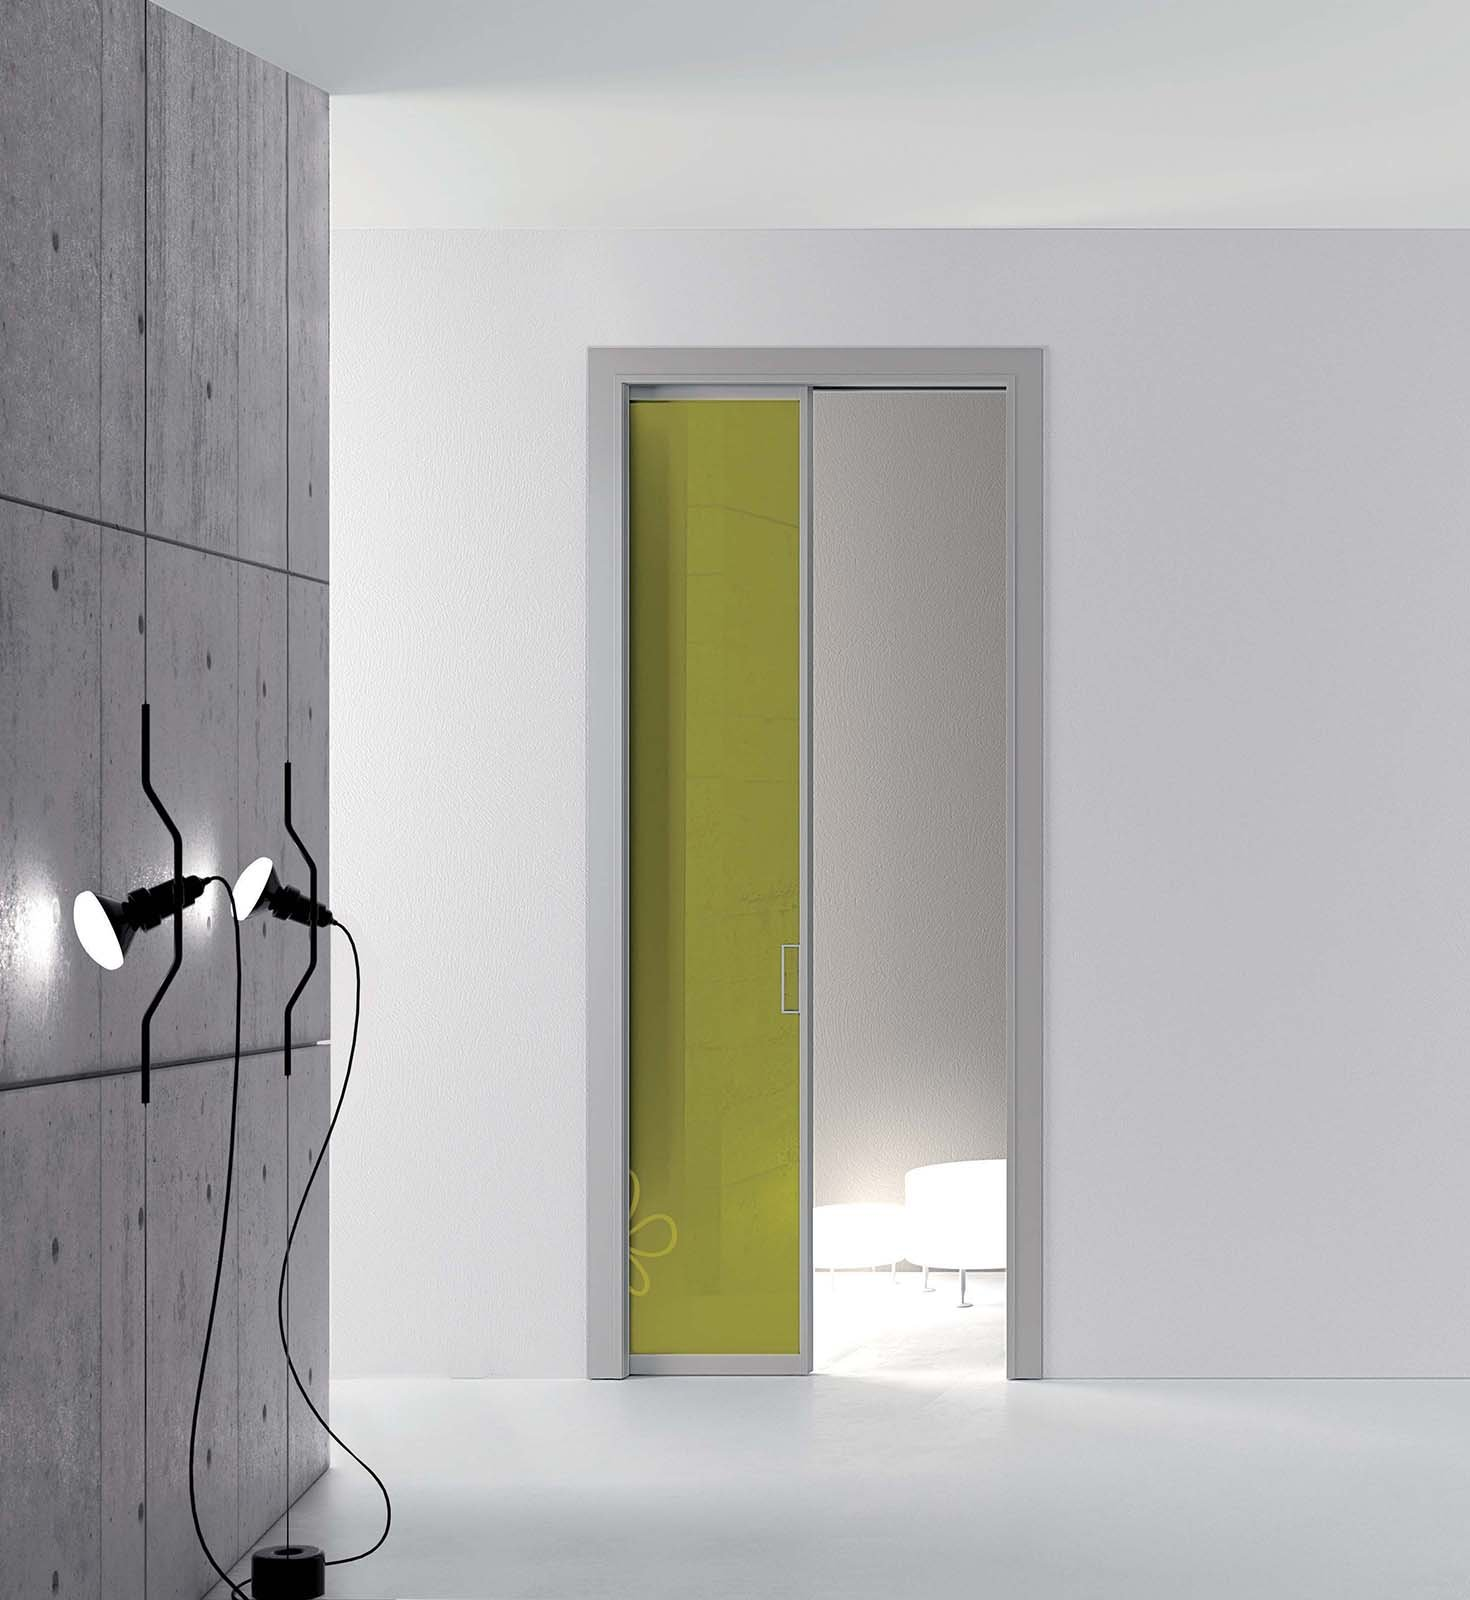 Porta scorrevole a vetro boiserie in ceramica per bagno - Porte scorrevoli bagno ...